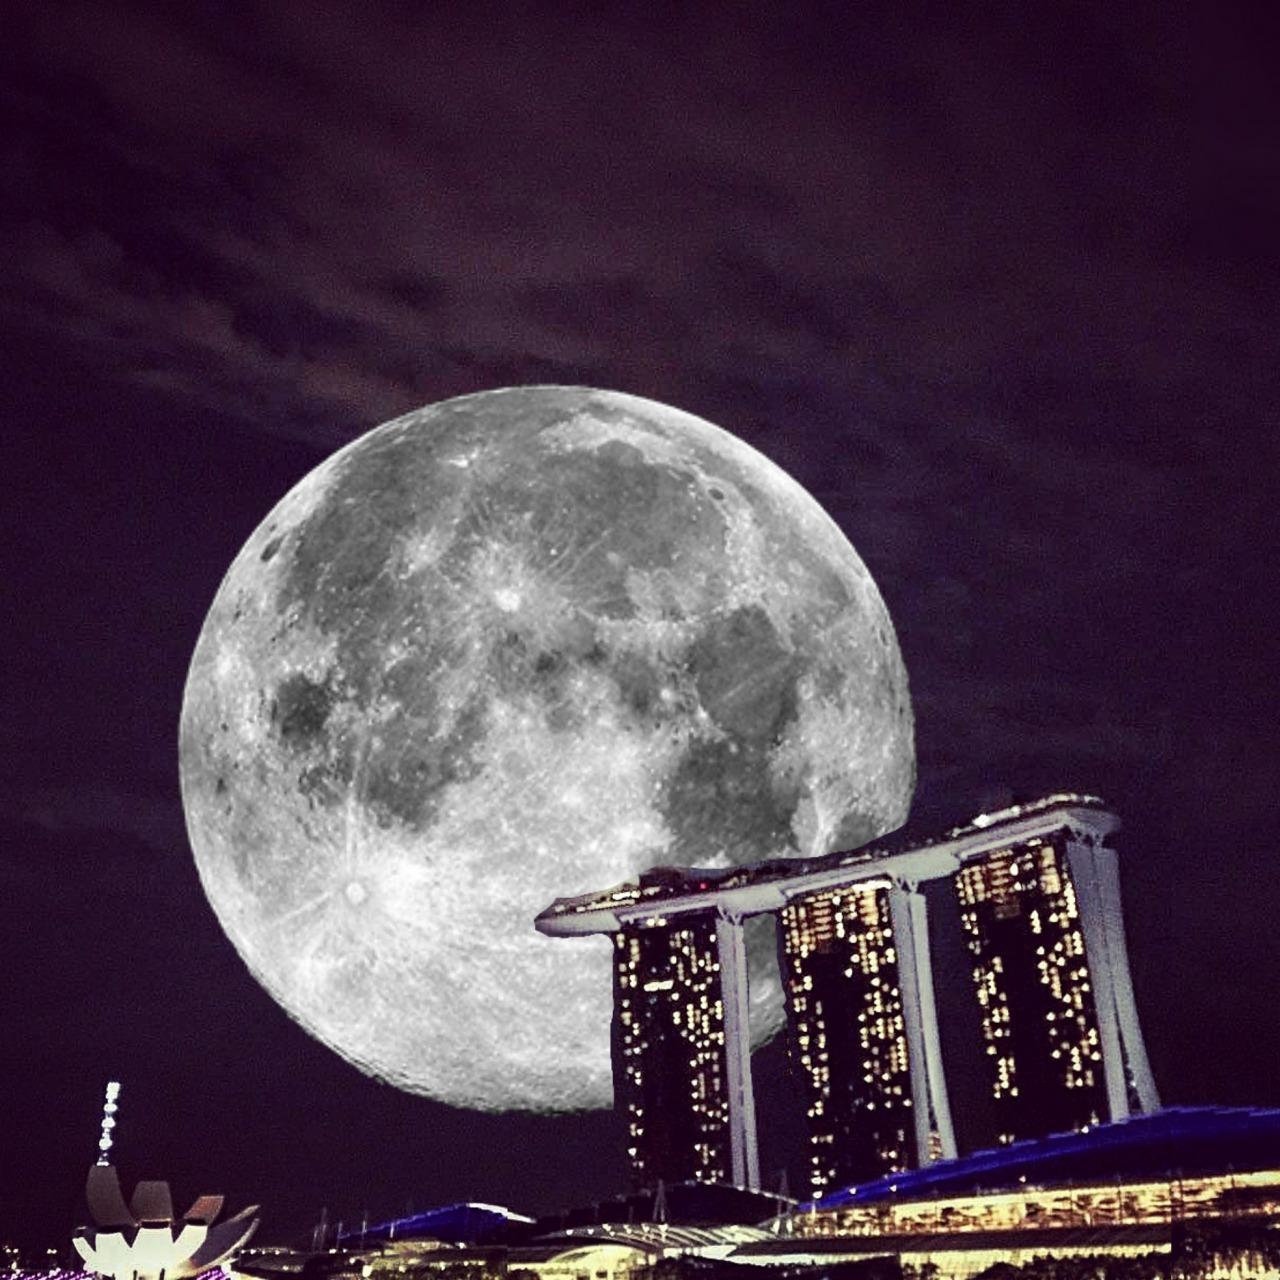 シンガポールスーパームーン 凄かったね!